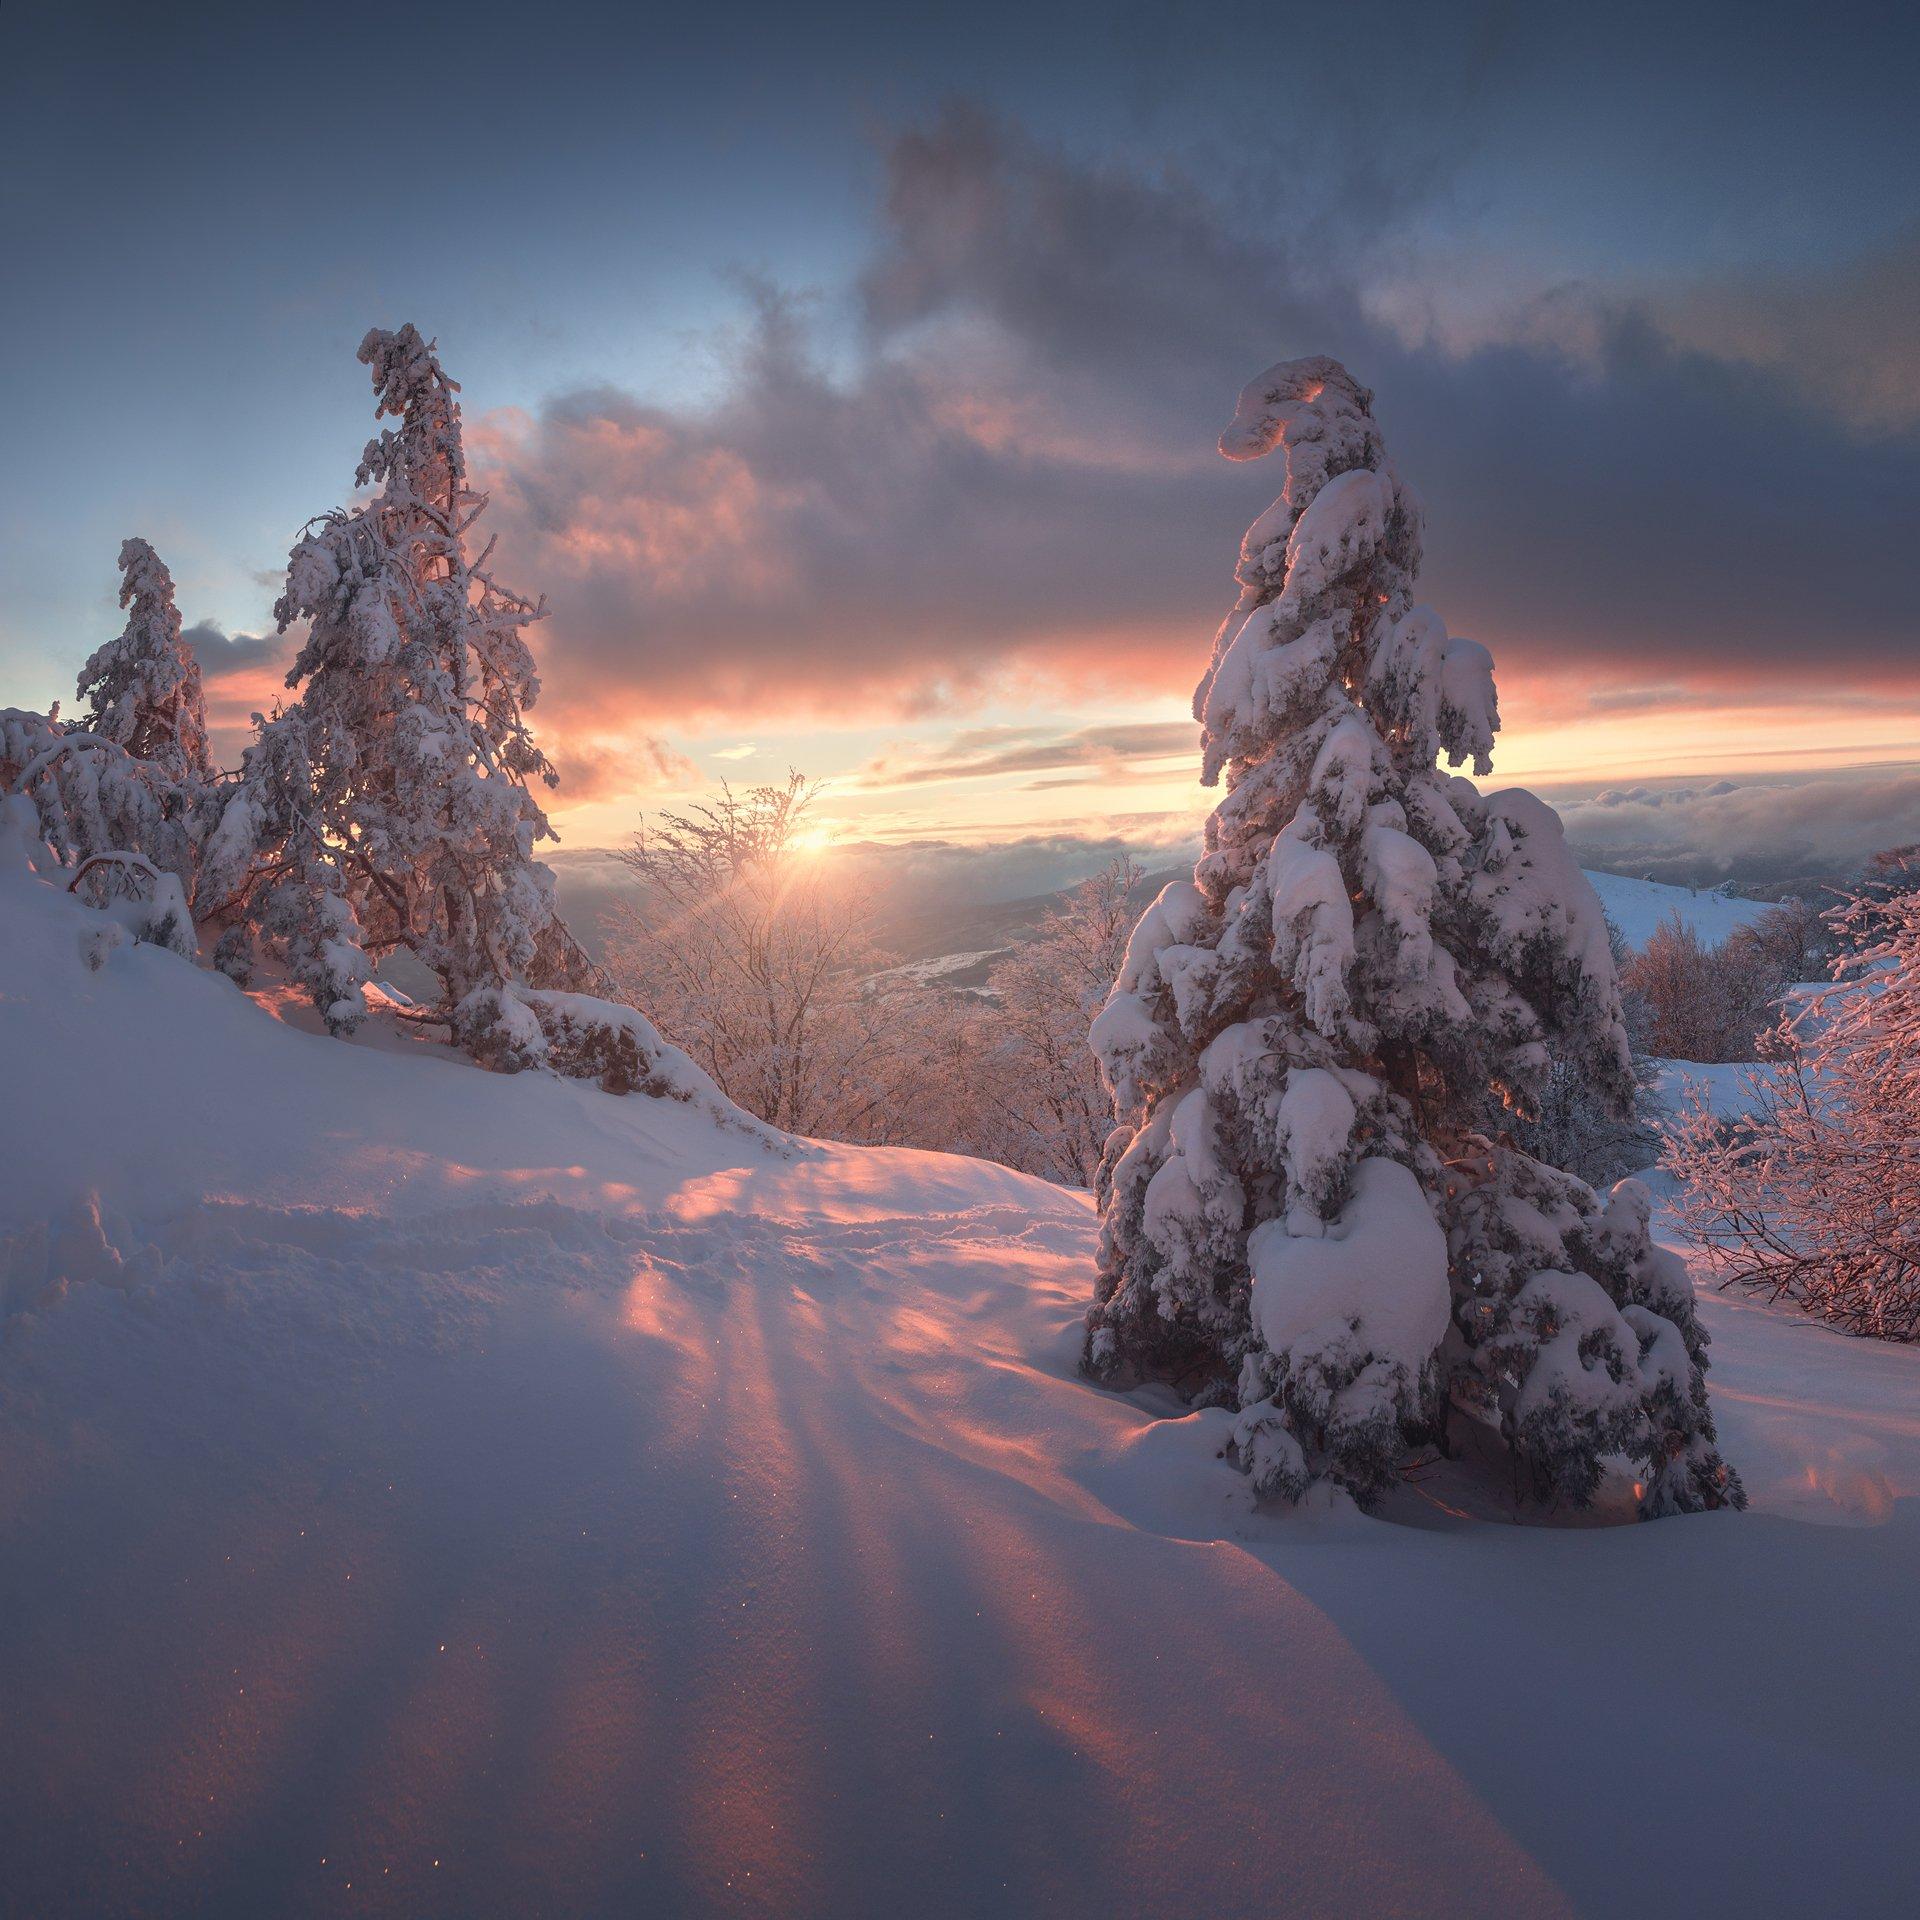 крым, демерджи, южная демерджи, северная демерджи, долина привидений, зима, Александр Трашин